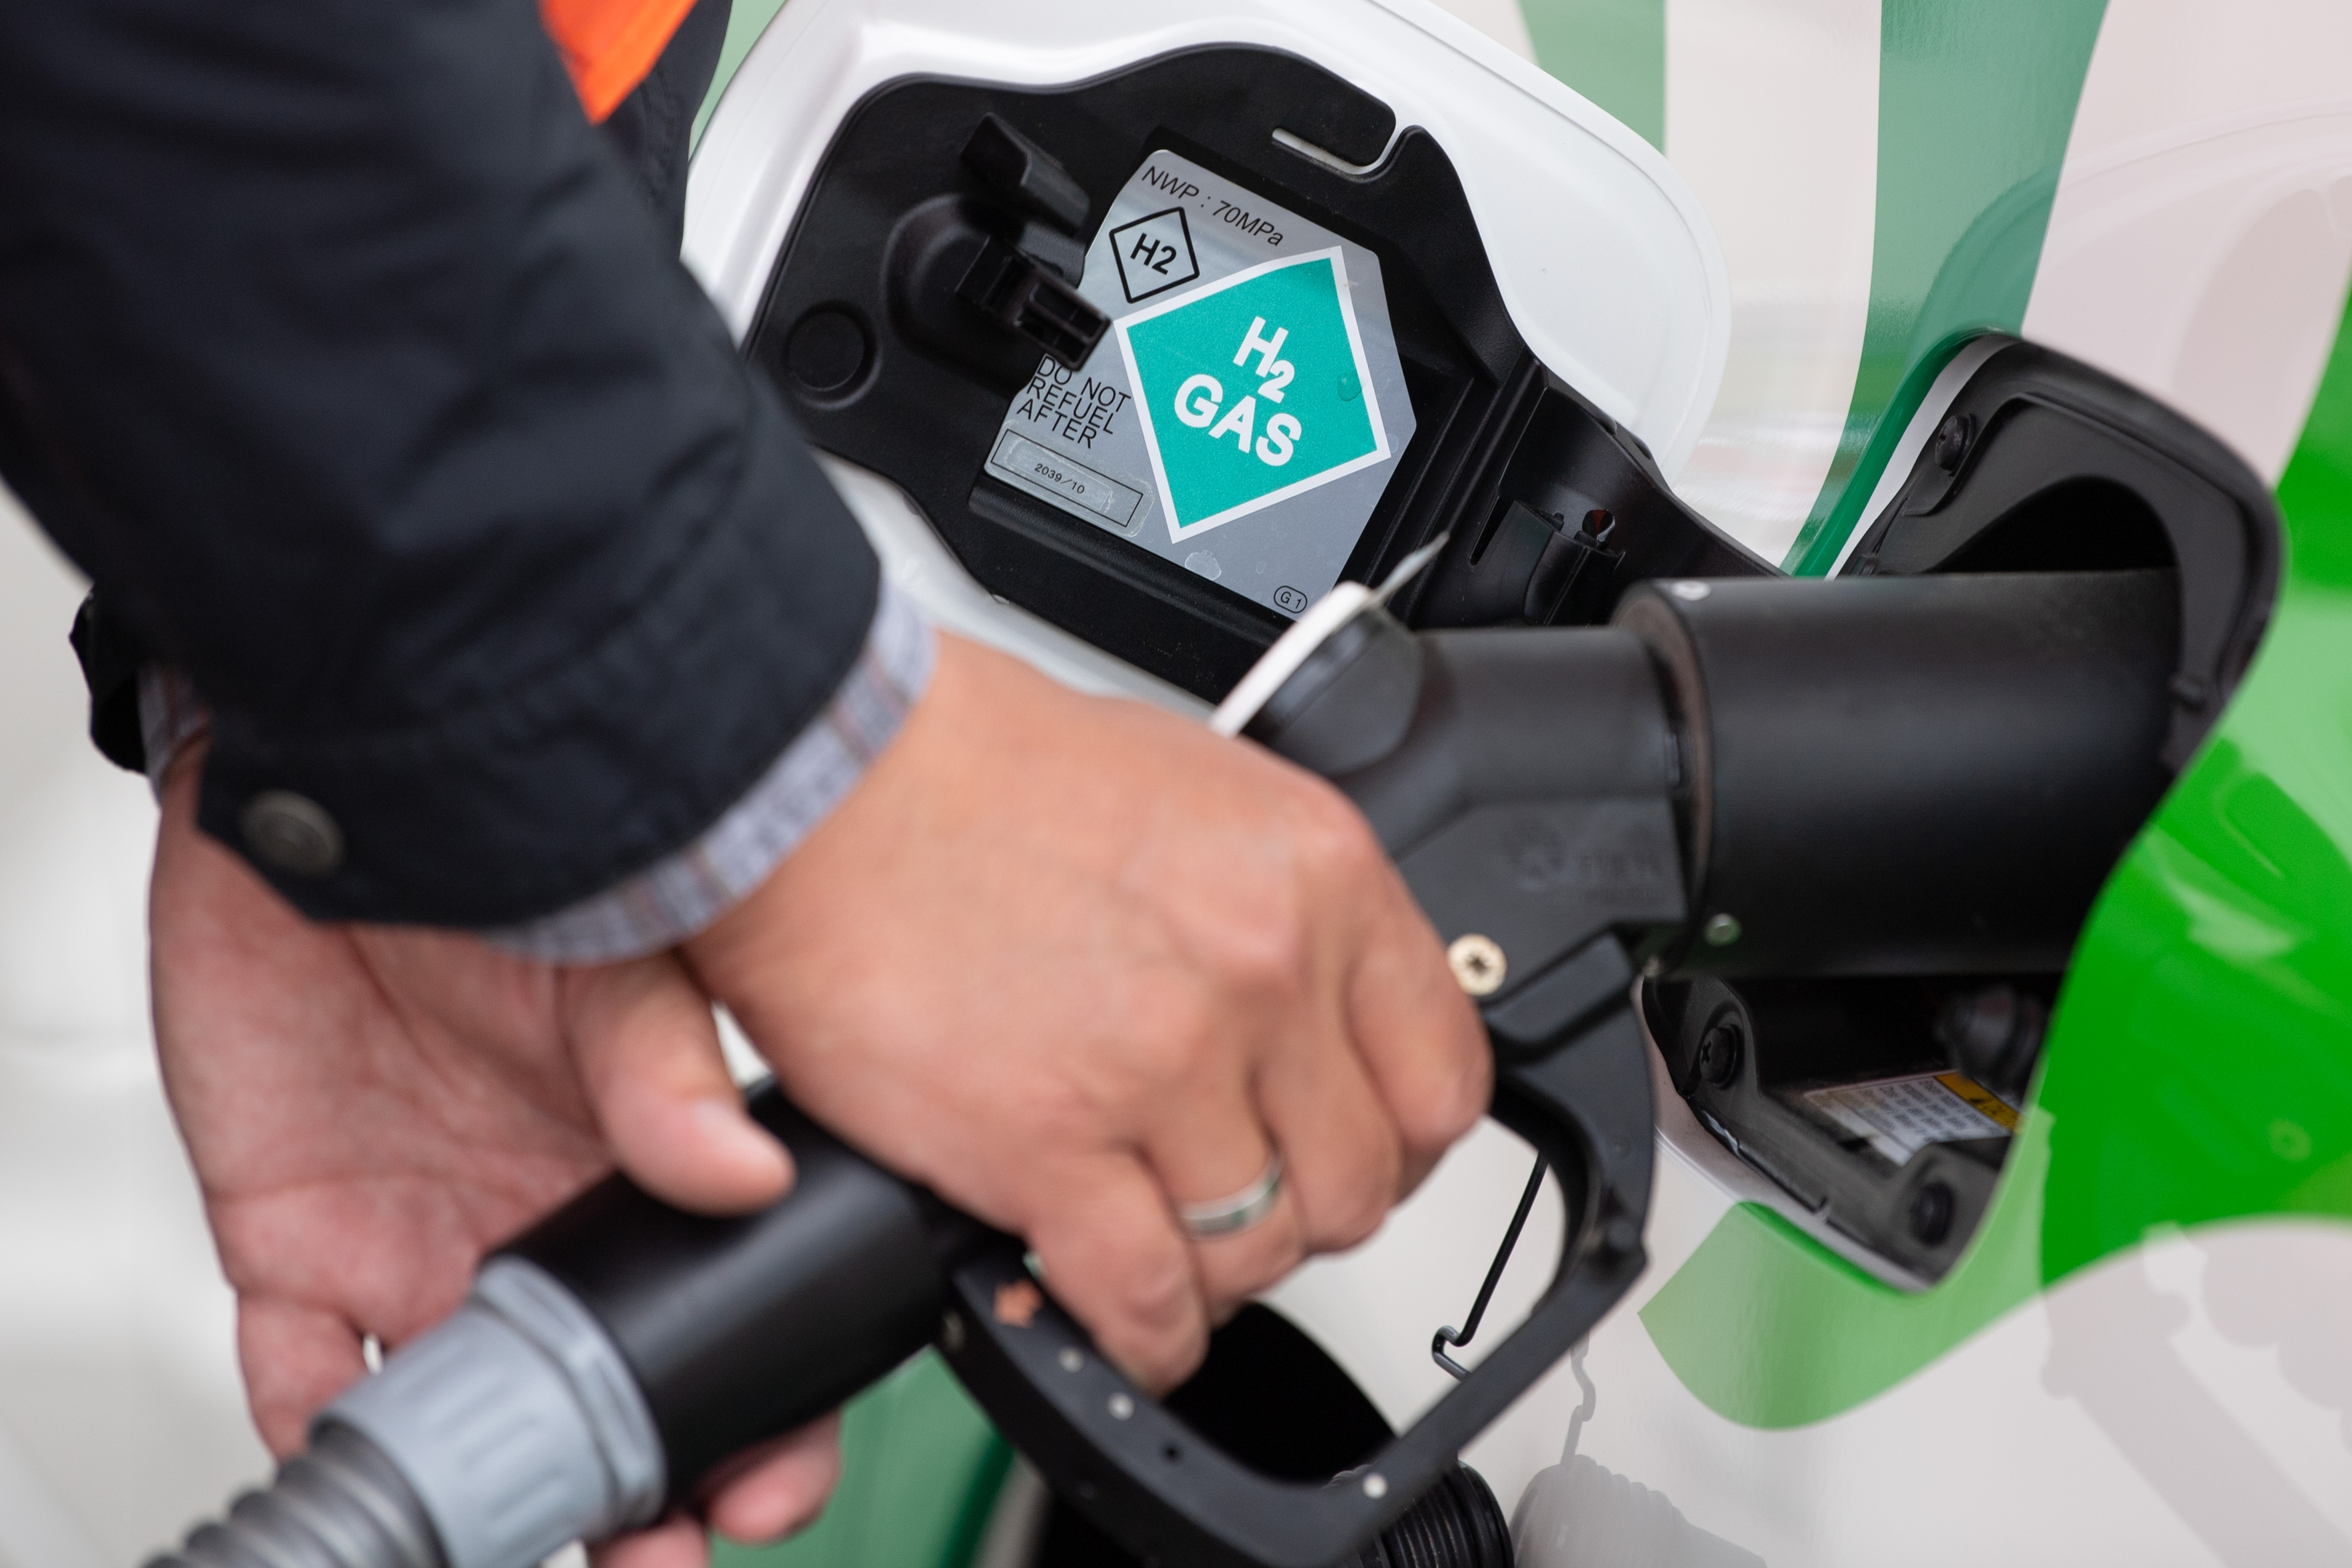 Tanken an einer Wasserstoff-Tankstelle: Ein Tankvorgang soll nicht wesentlich länger dauern, als es die Fahrer eines Diesel- oder Benzin-Pkw bislang gewohnt sind. Foto: dpa / Kahnert